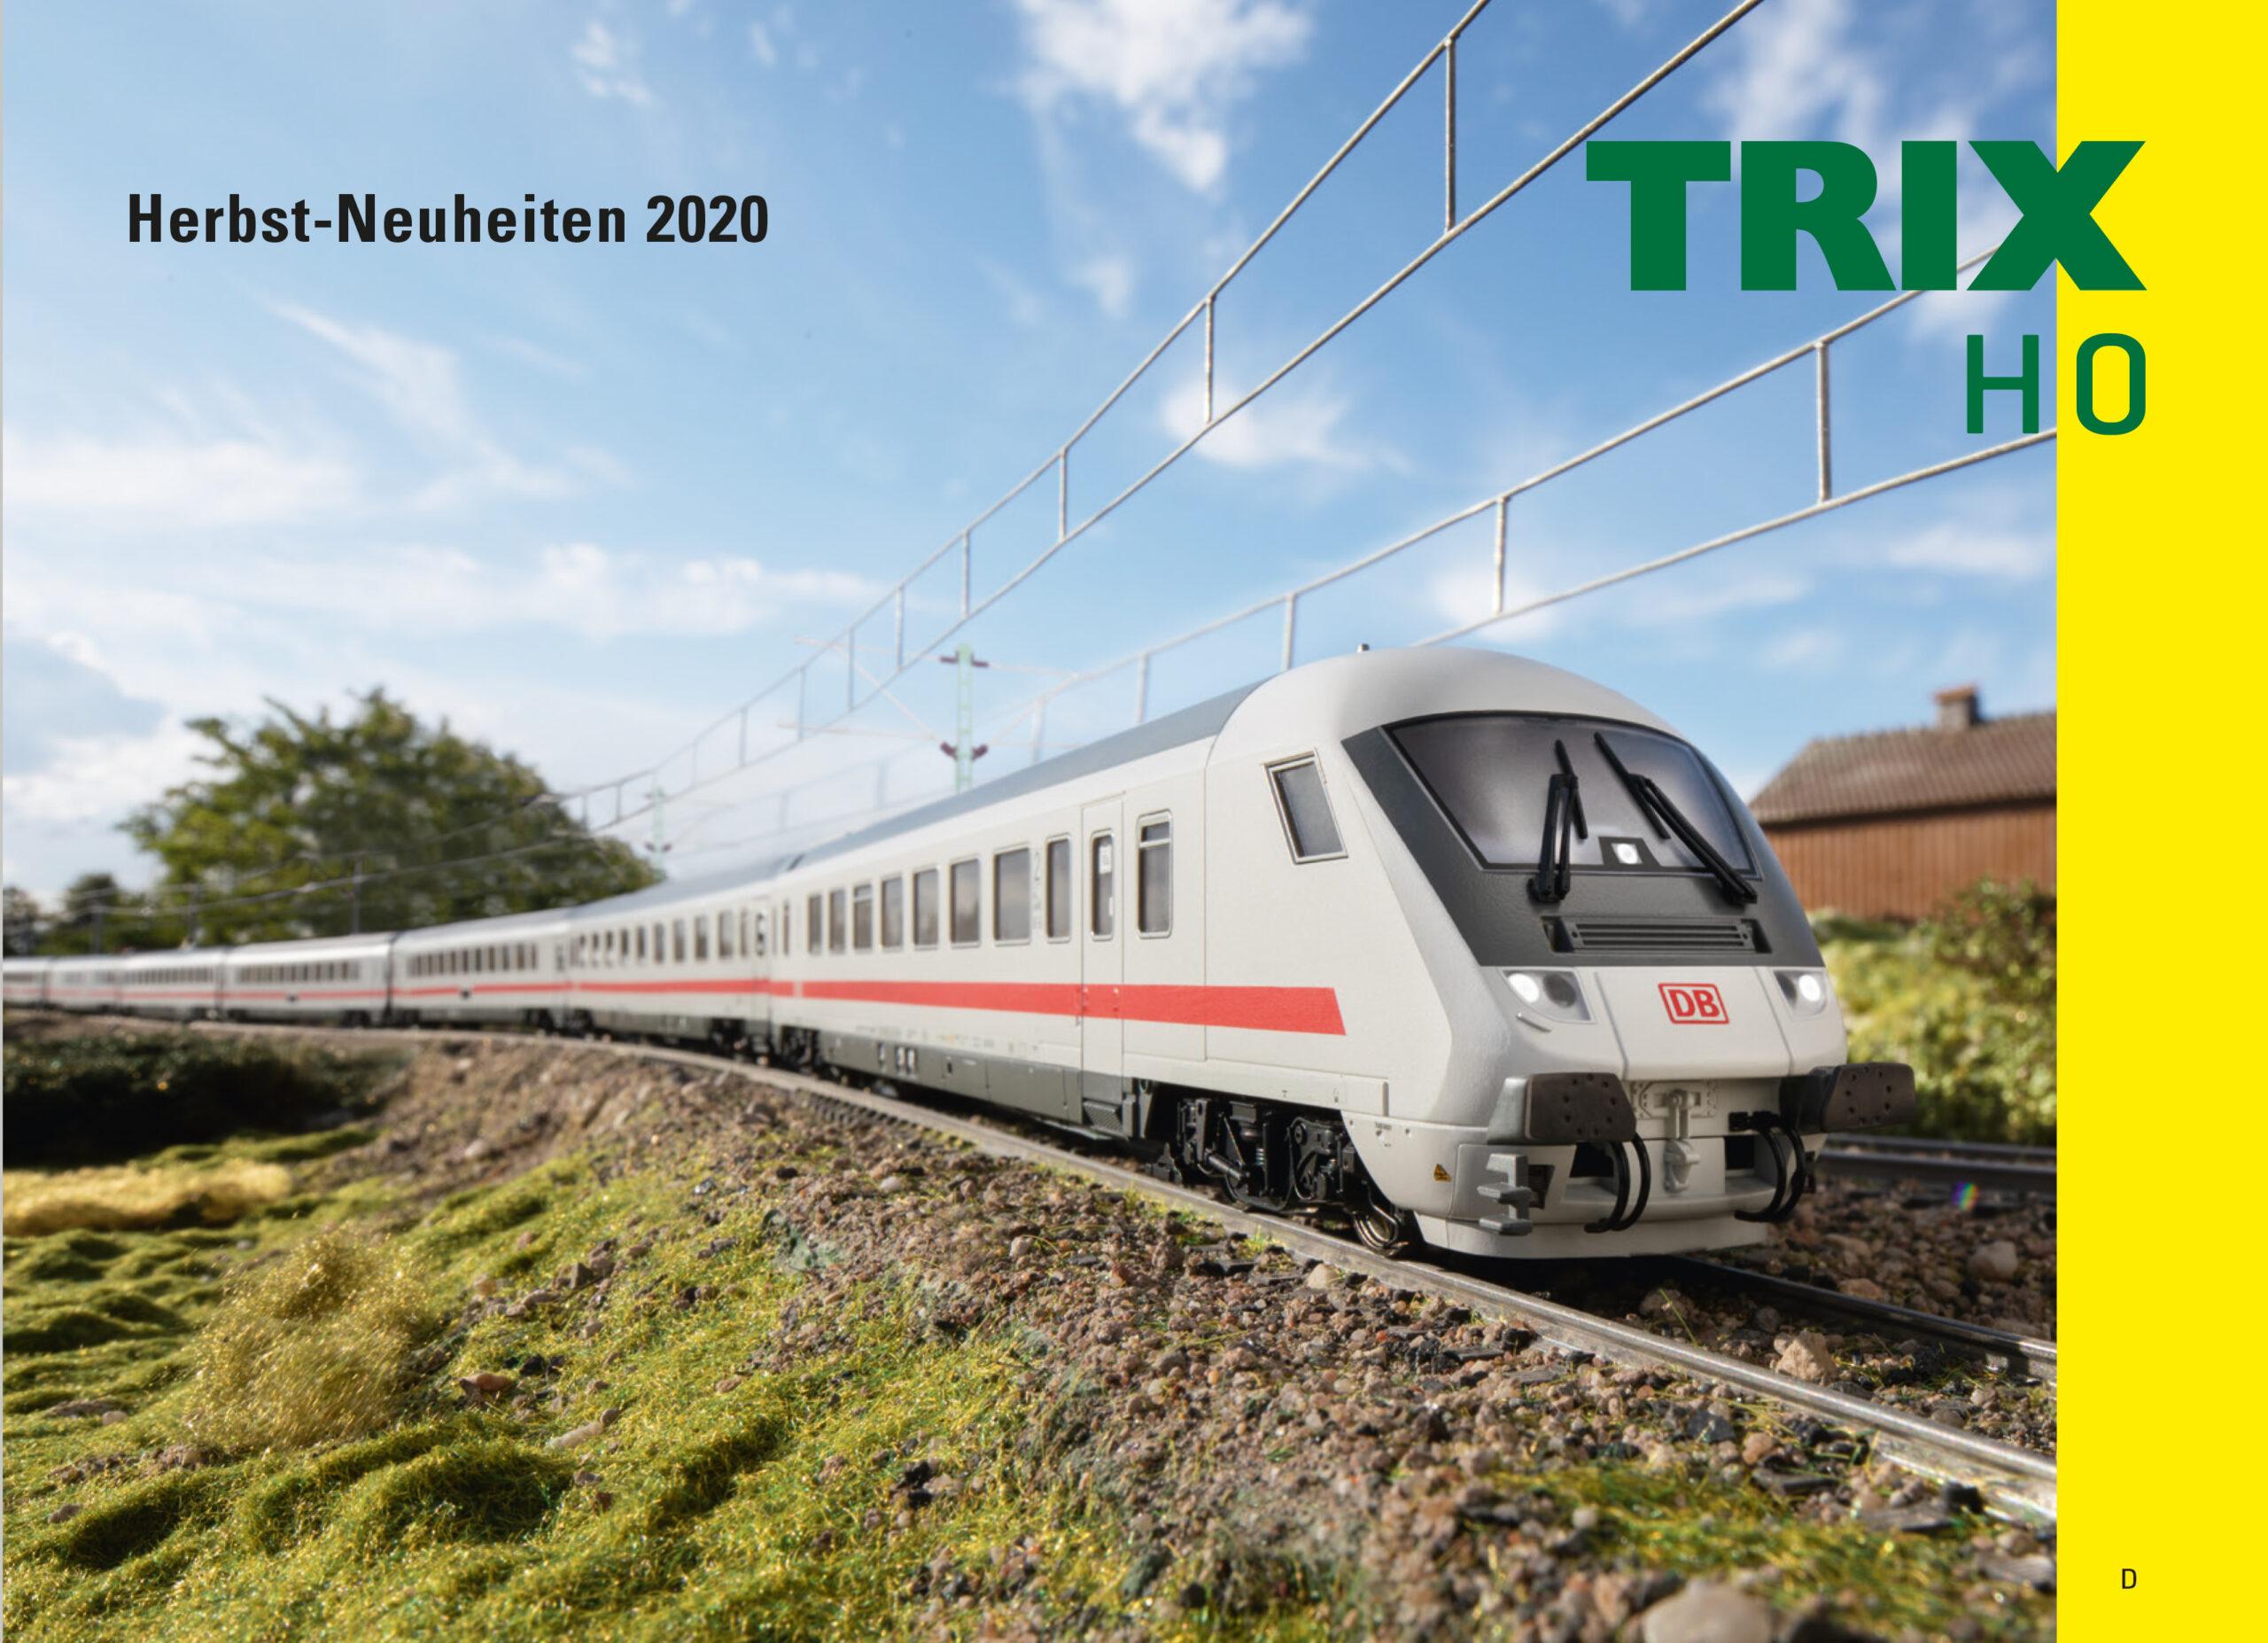 Trix H0 Herbstneuheiten 2020